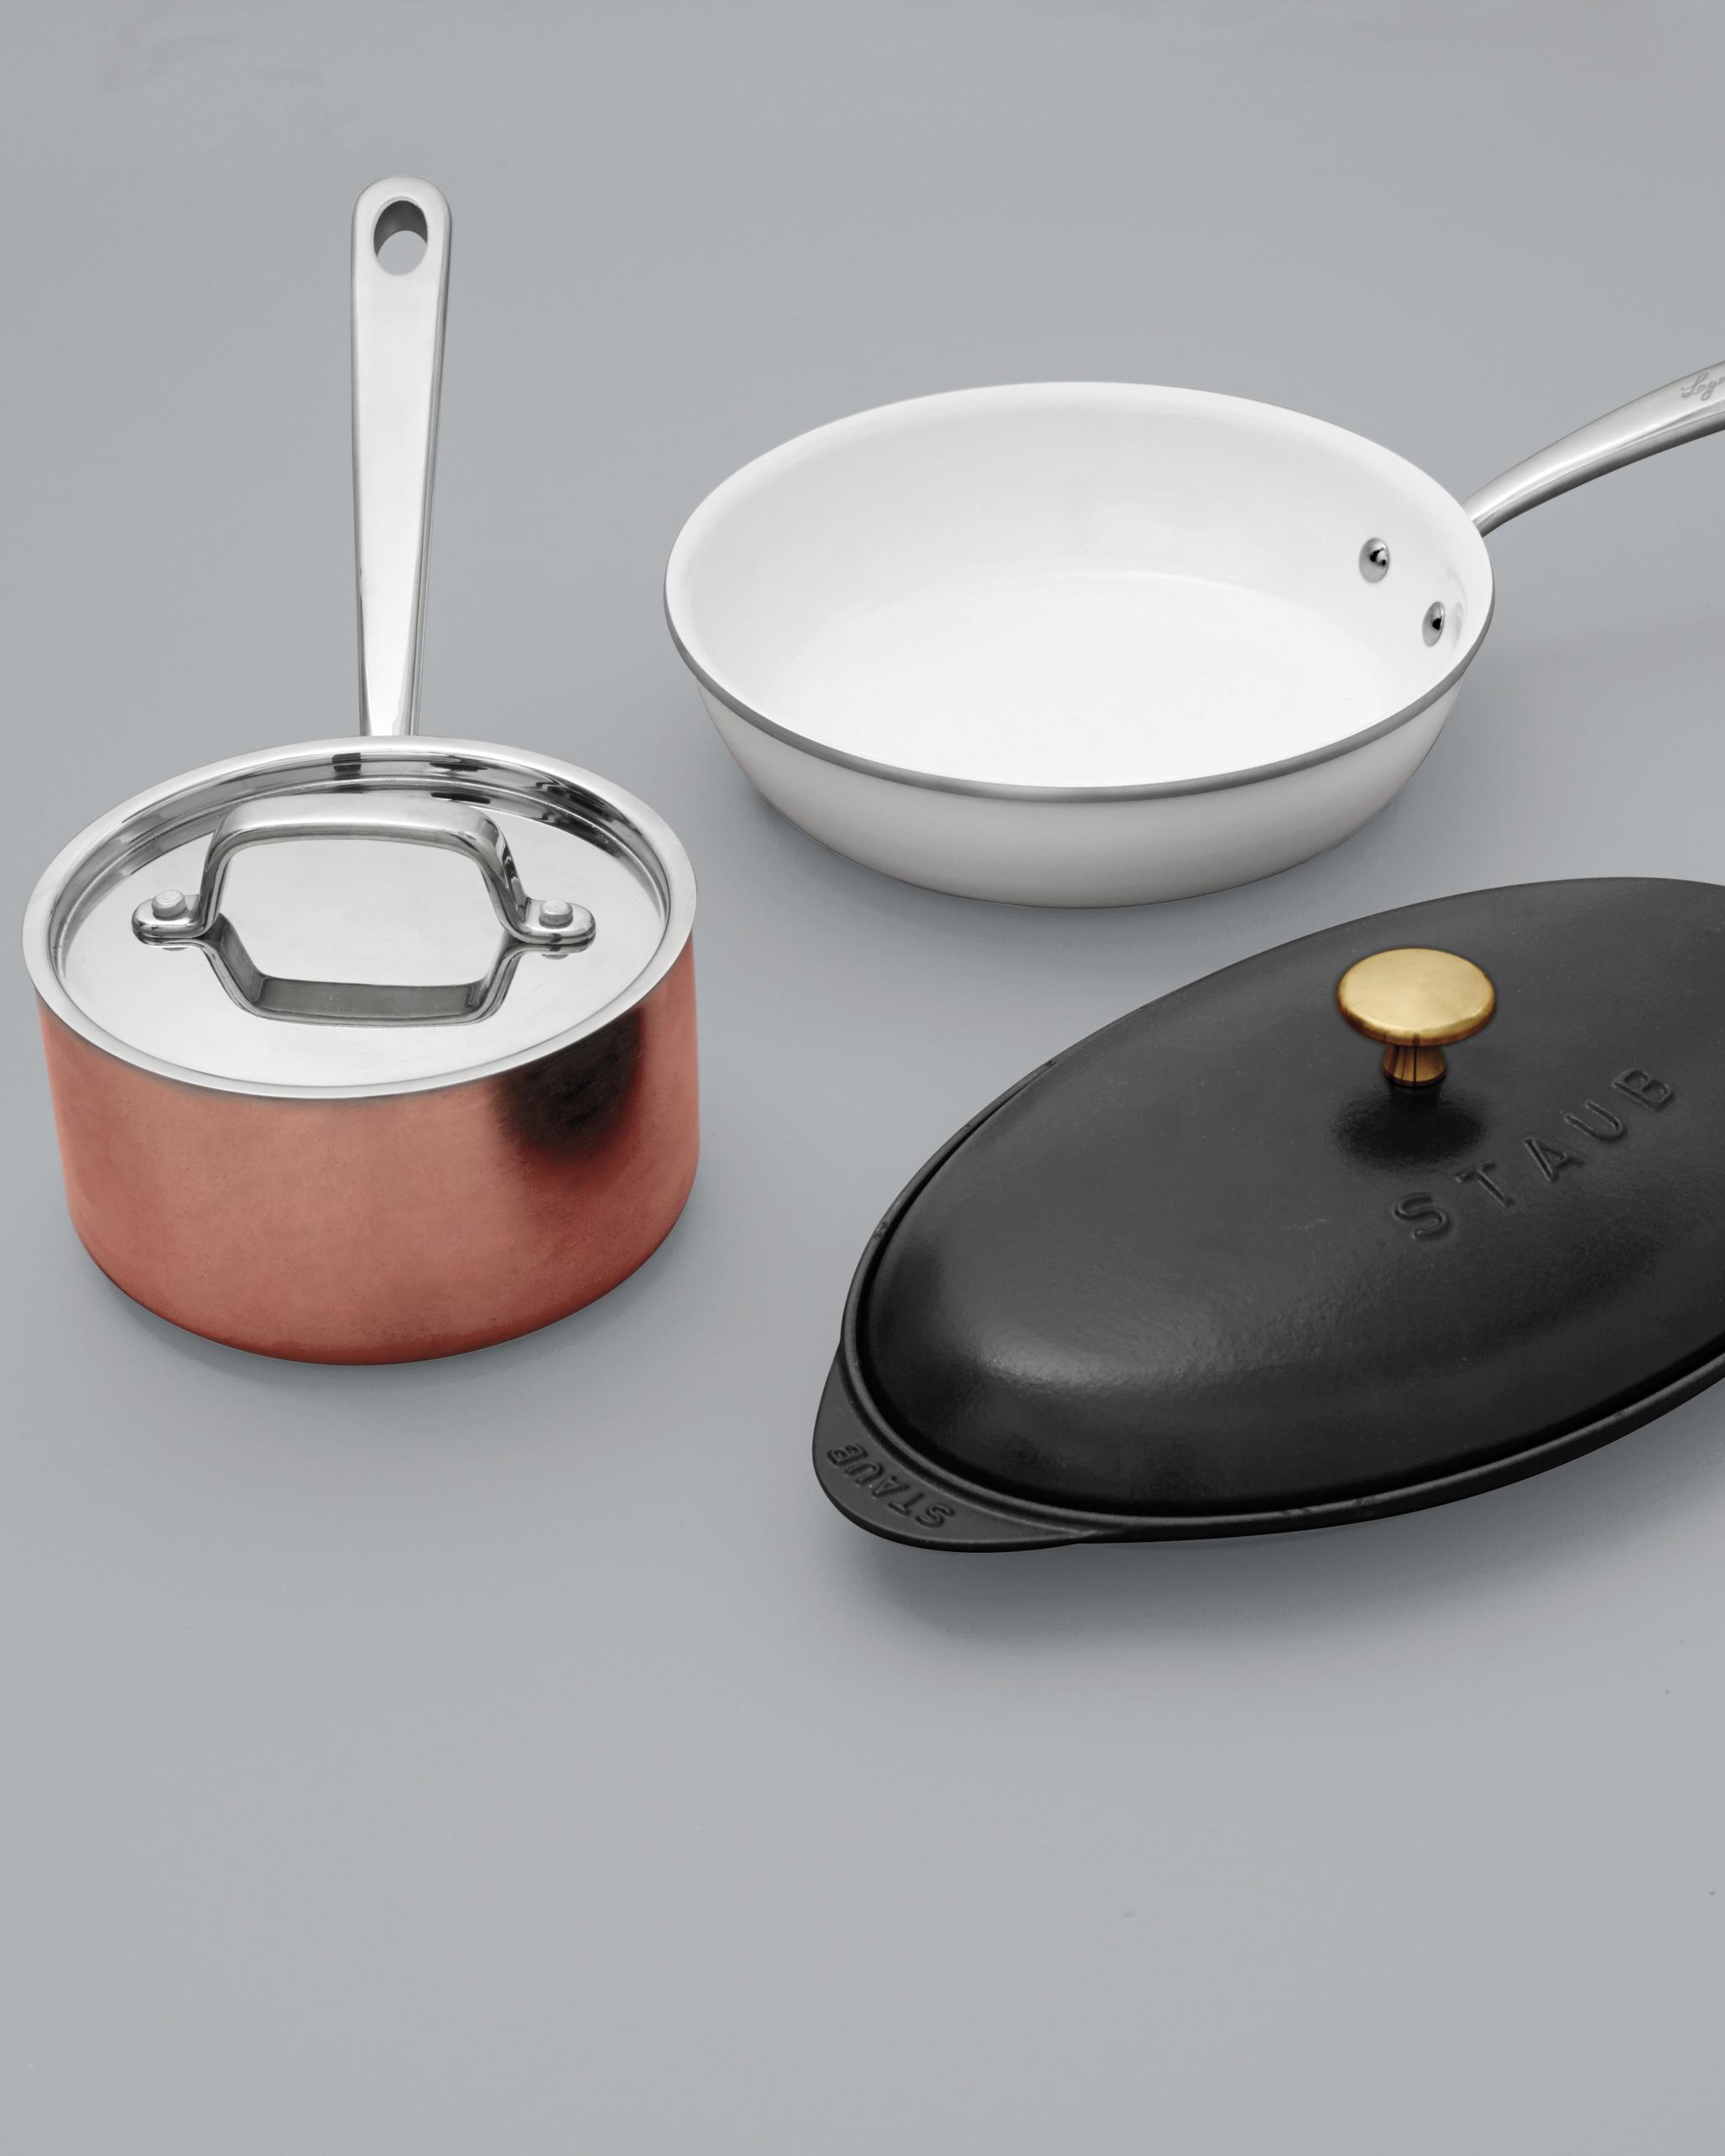 pots-and-pans-113-d112473.jpg